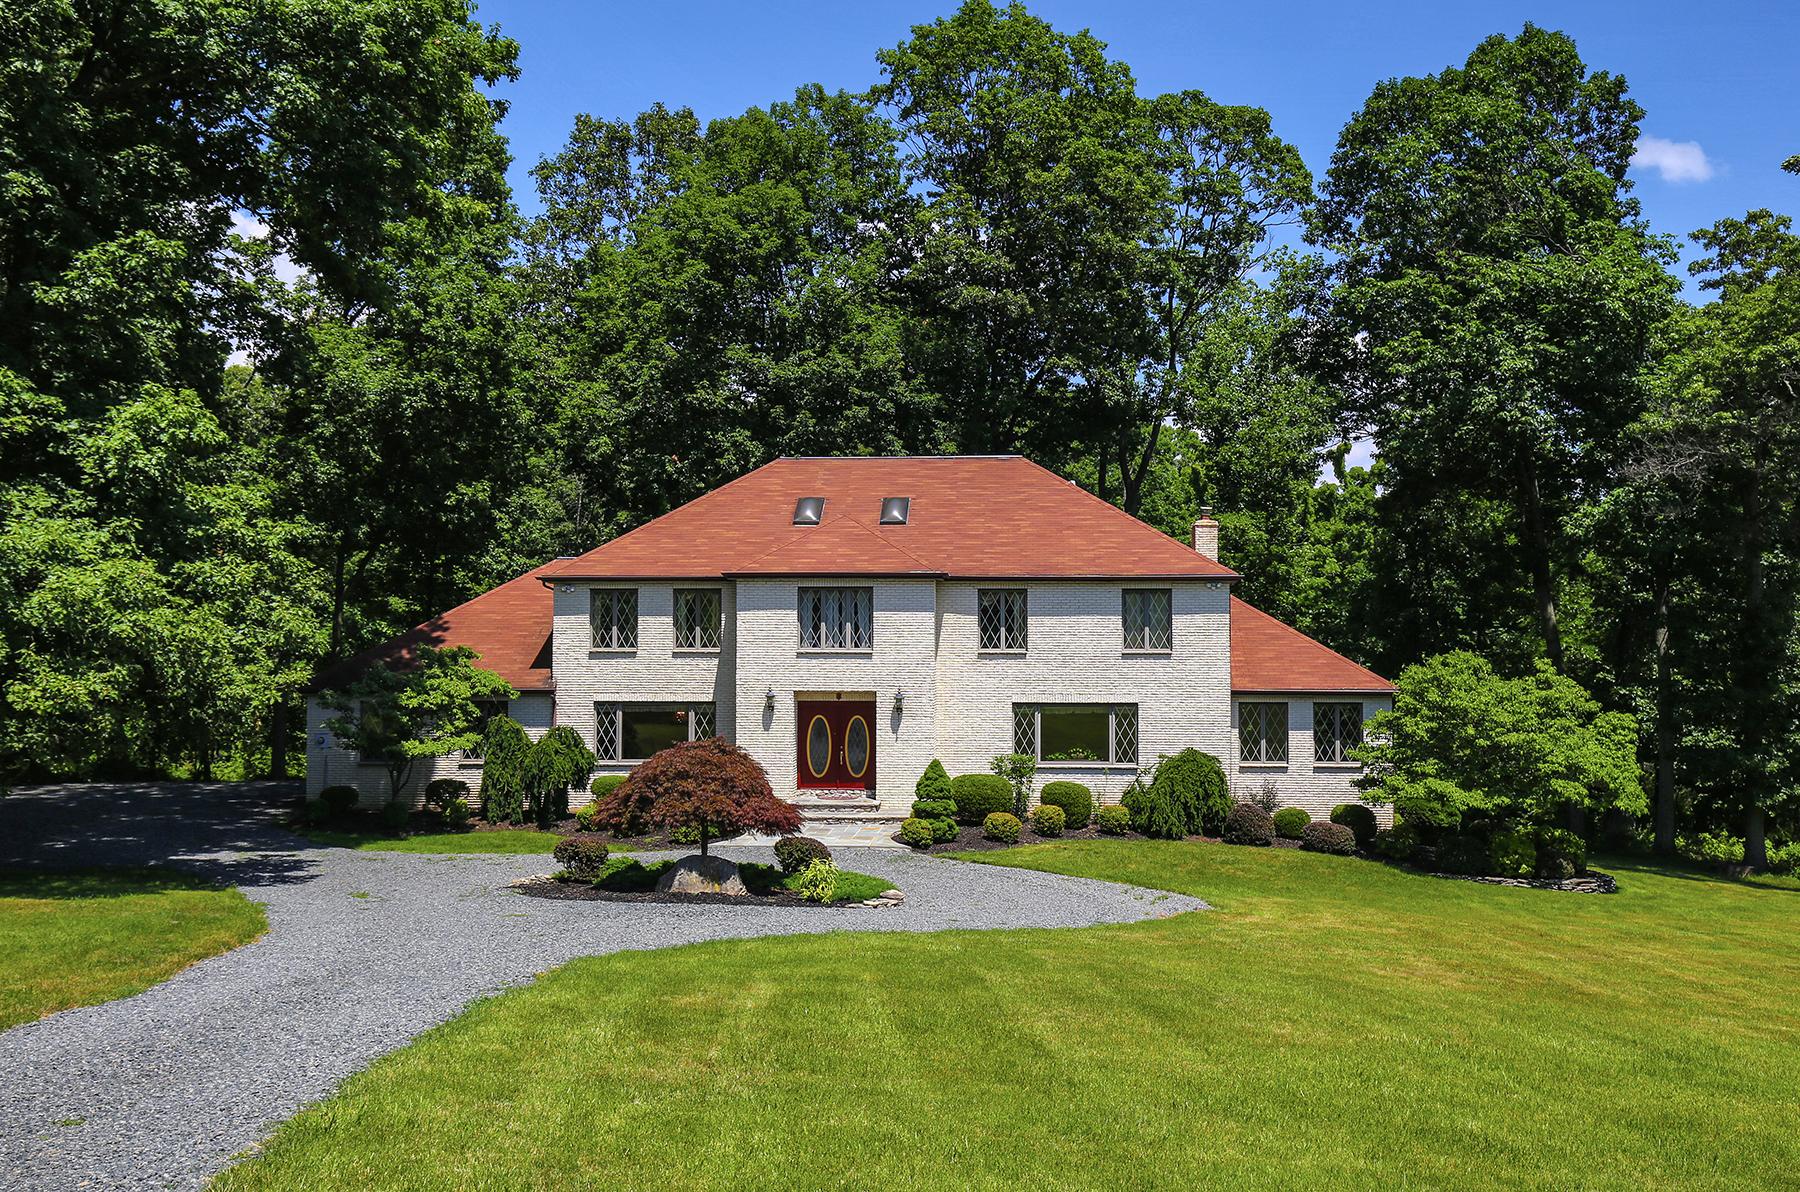 Casa Unifamiliar por un Venta en Gracious Colonial 67-2 Ballantine Road Bernardsville, Nueva Jersey 07924 Estados Unidos